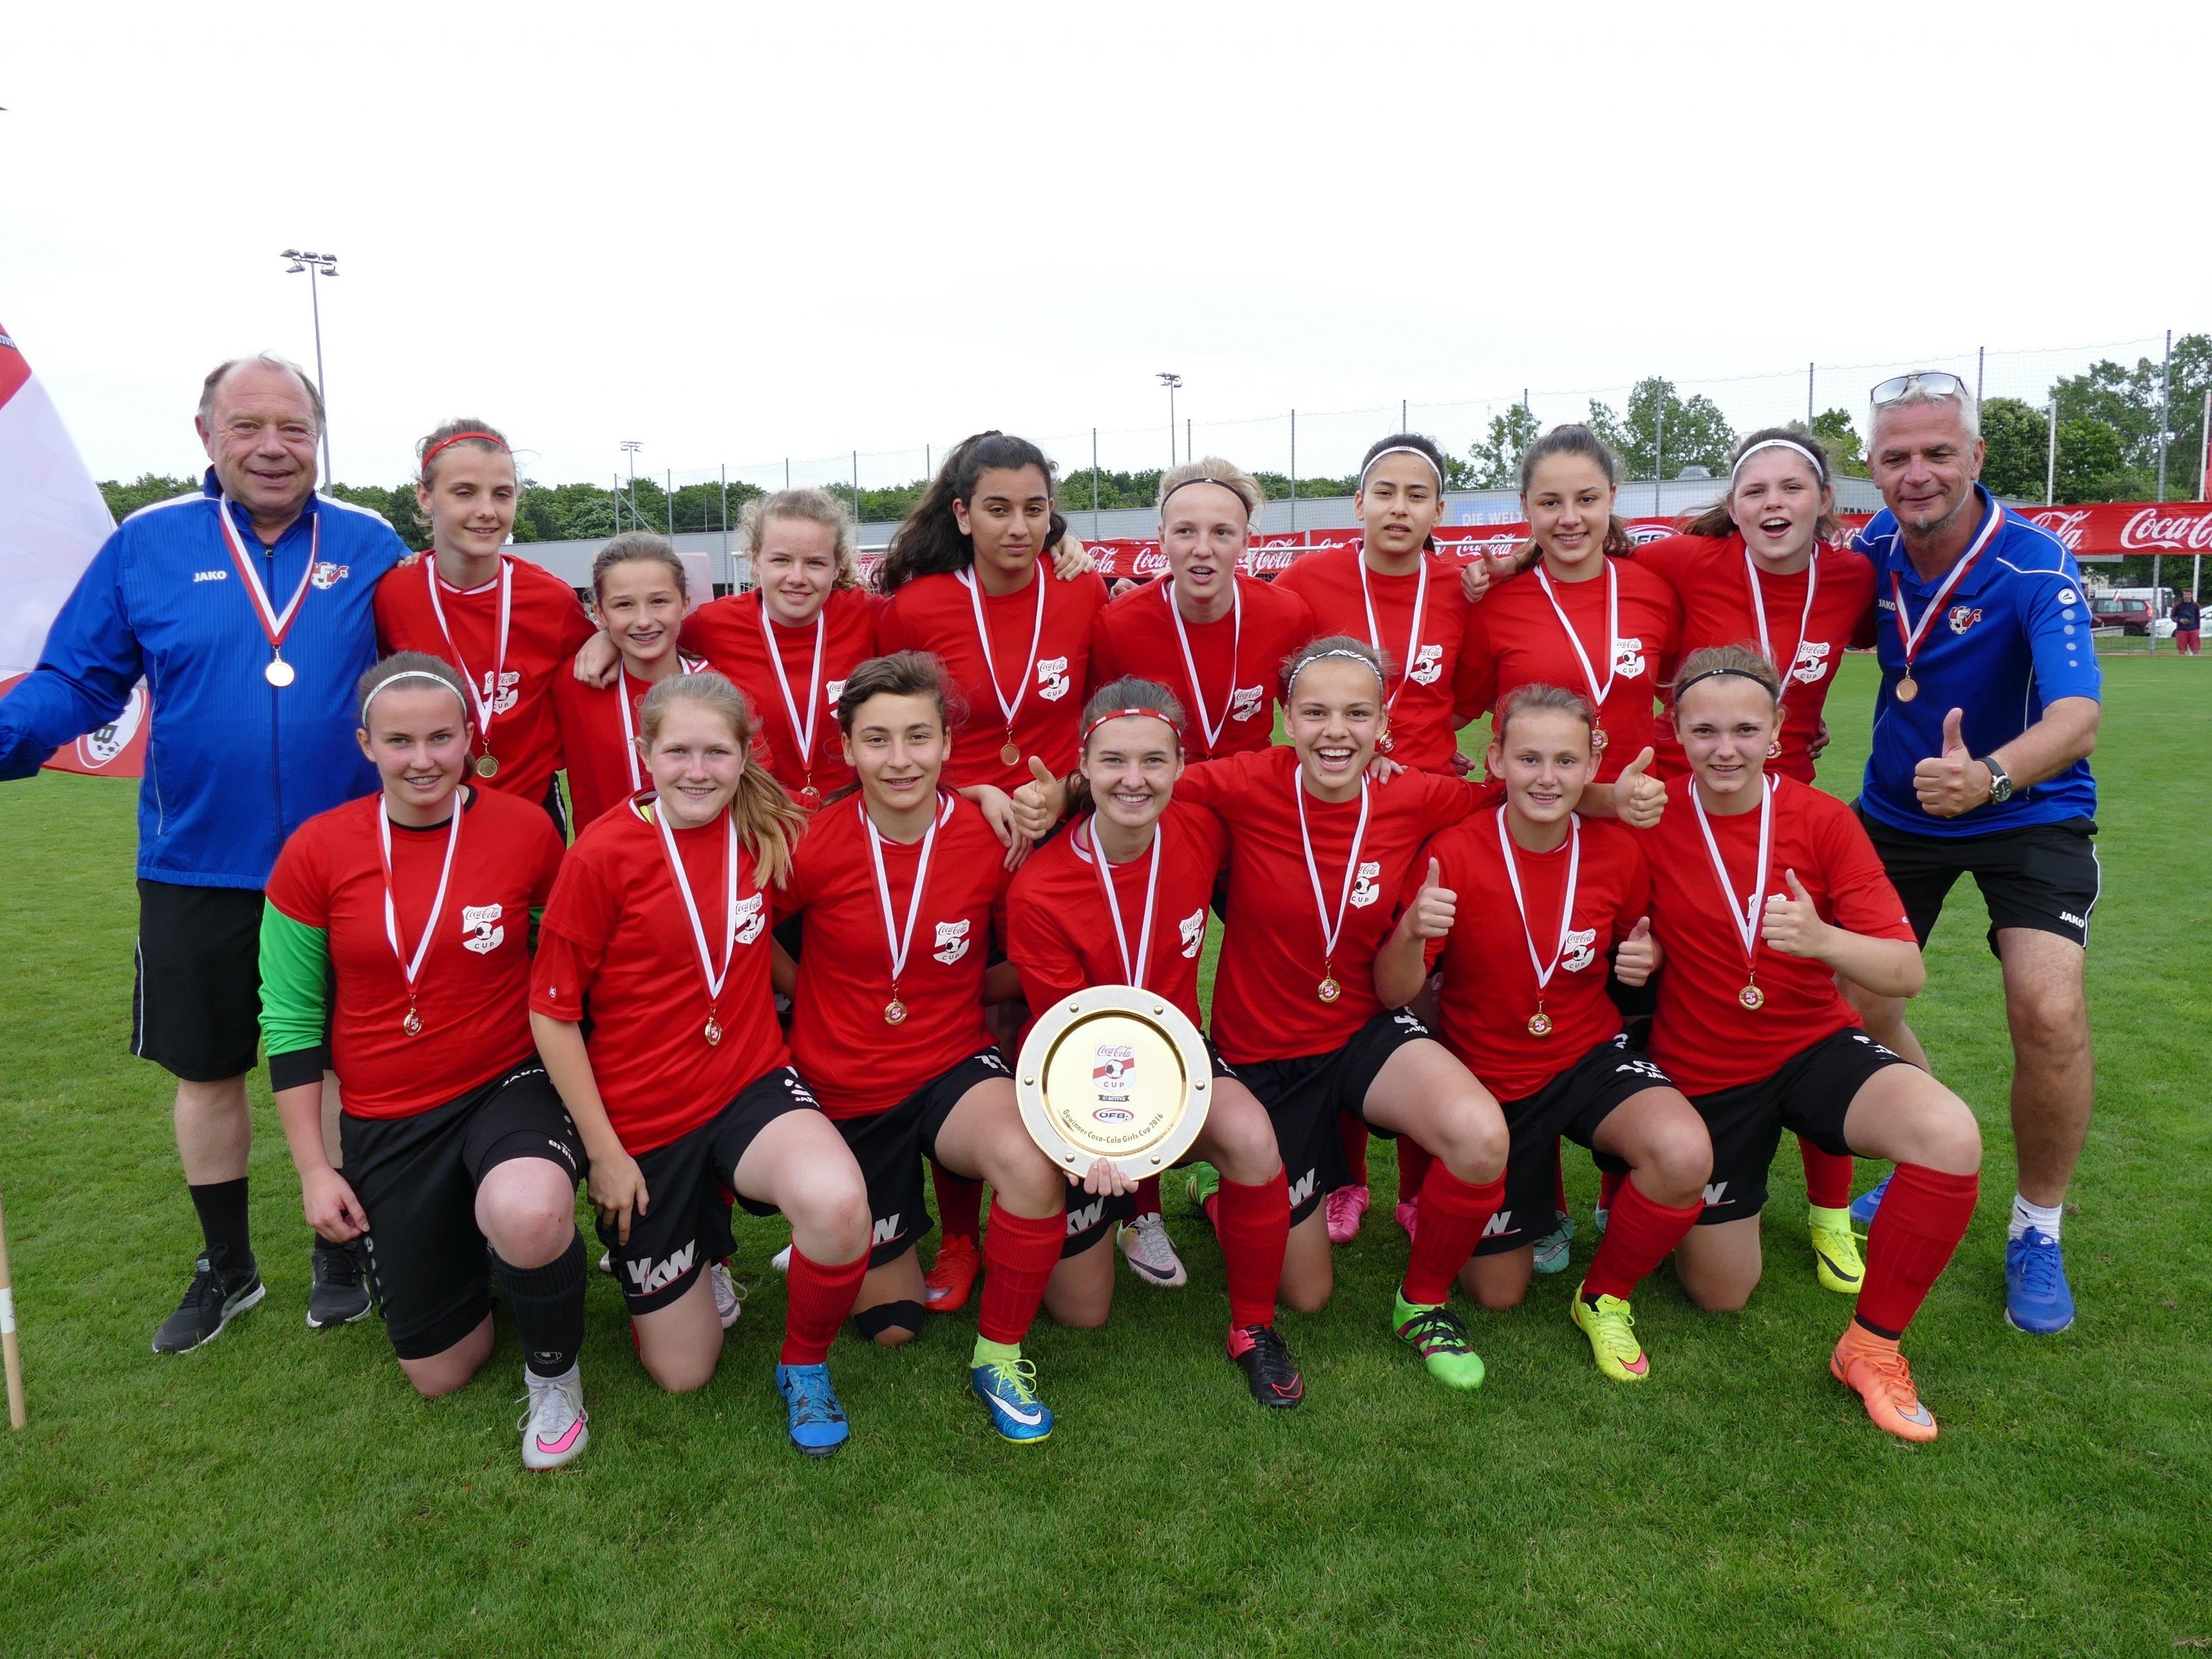 Großer Jubel bei den Vorarlberger Mädchen, die sich den 1. Rang beim Coca Cola Girls Cup sicherten.